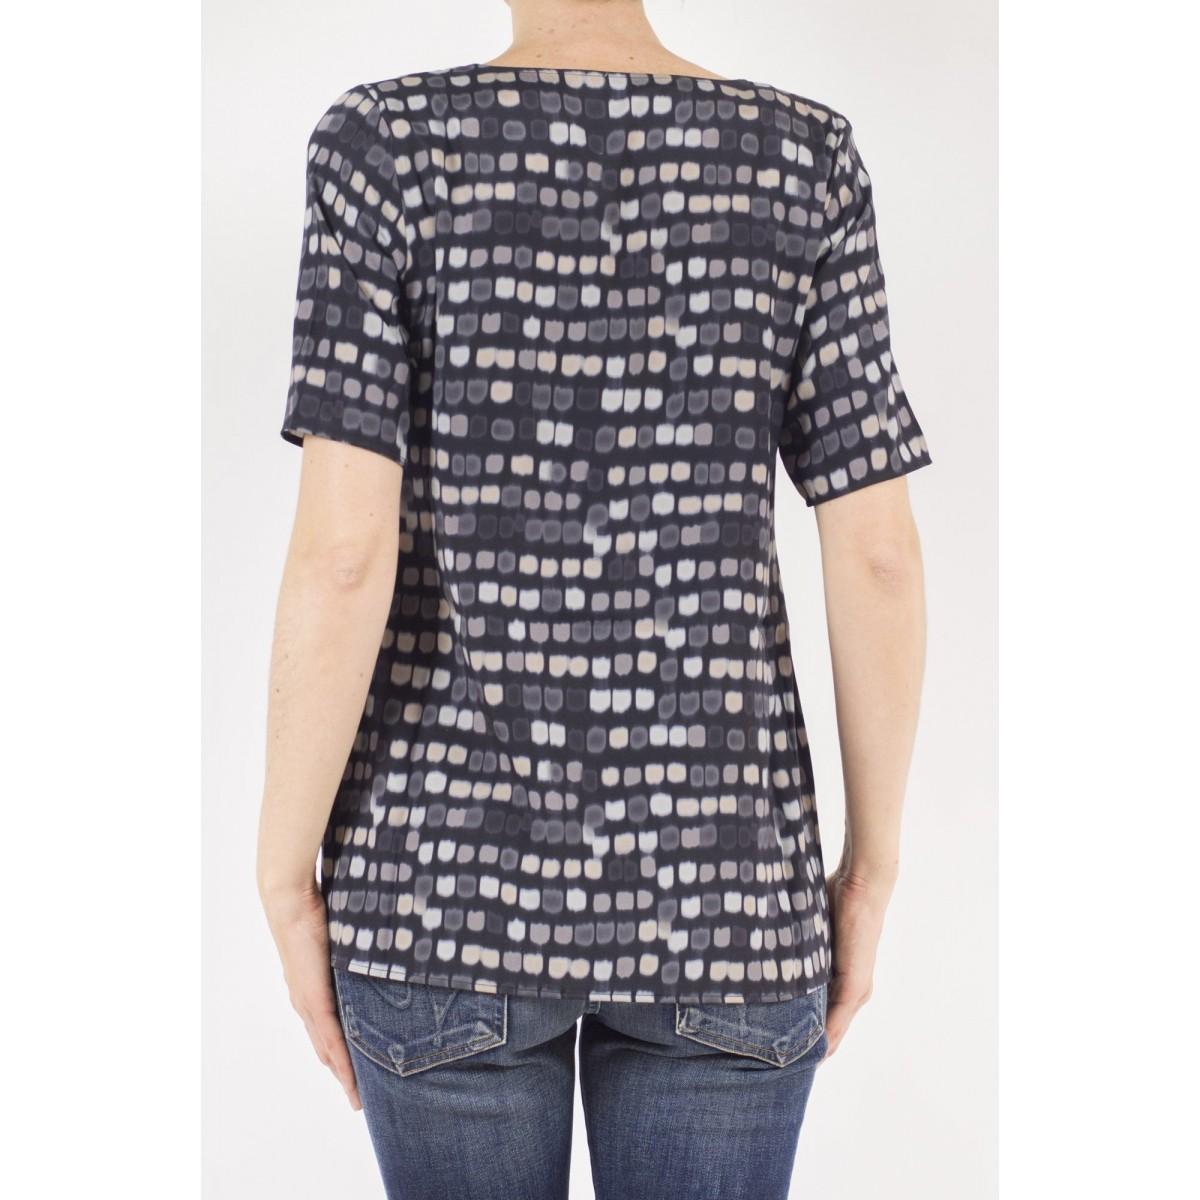 T-shirt donna Kangra - 7825/01 t-shirt seta stampa 13 - Nero